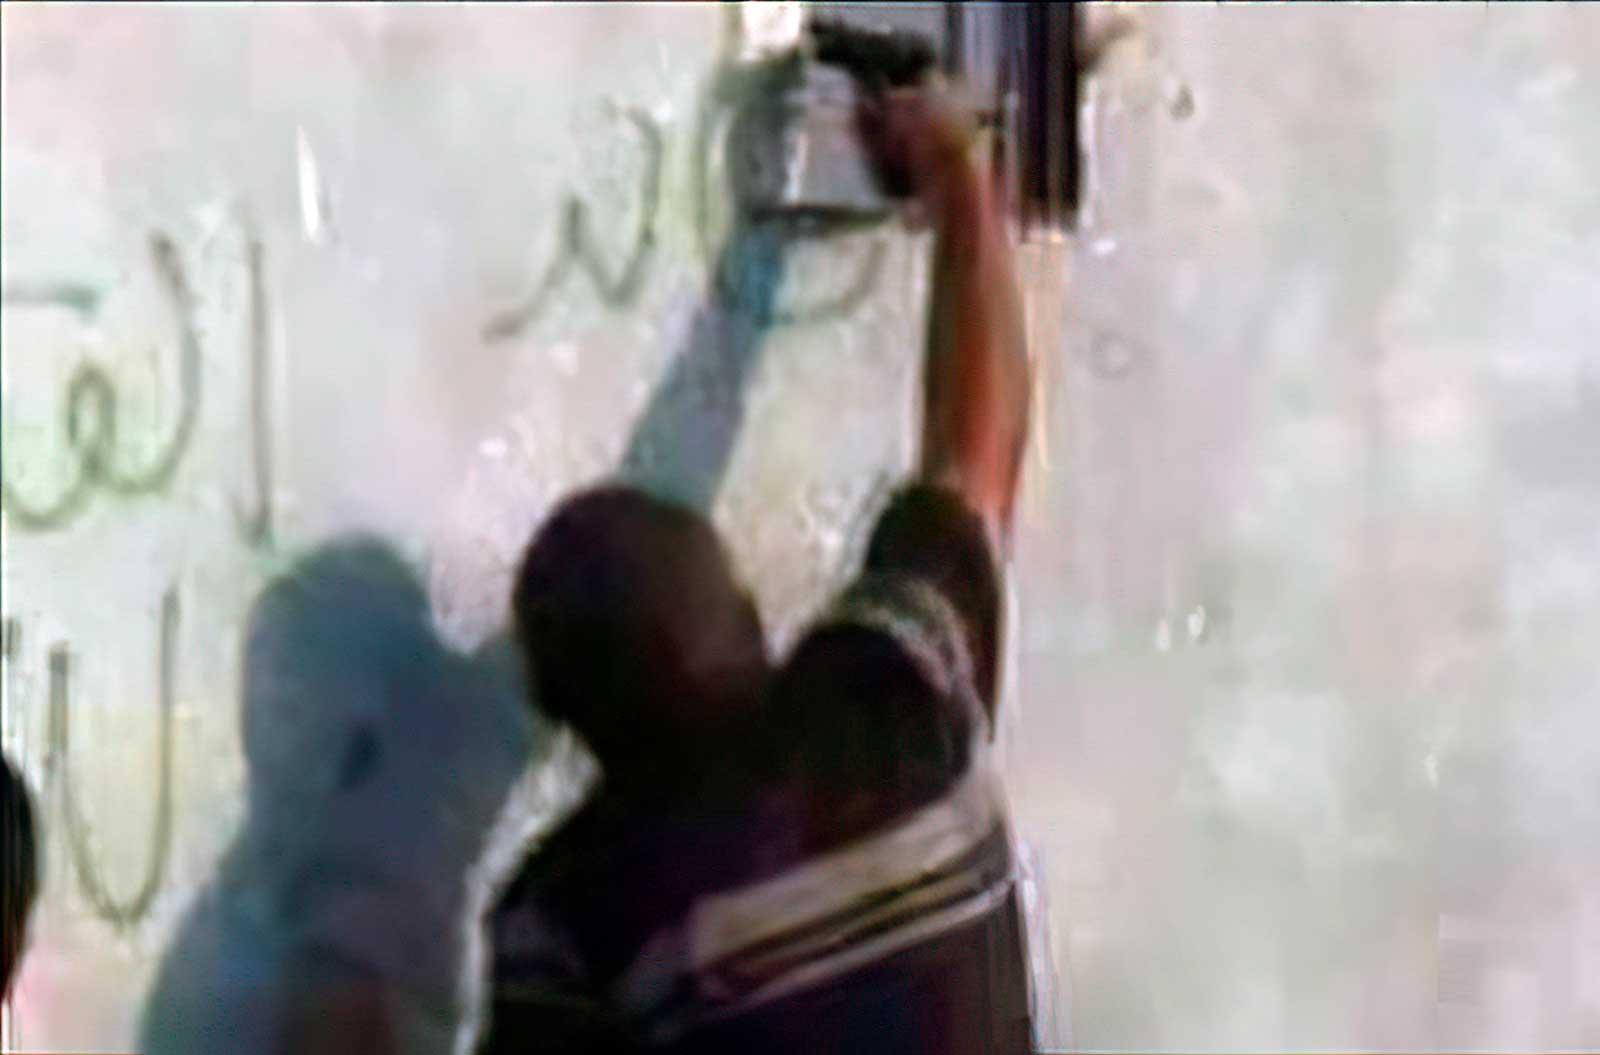 Agente de la Policía de Fronteras herido de gravedad en disturbios de Gaza